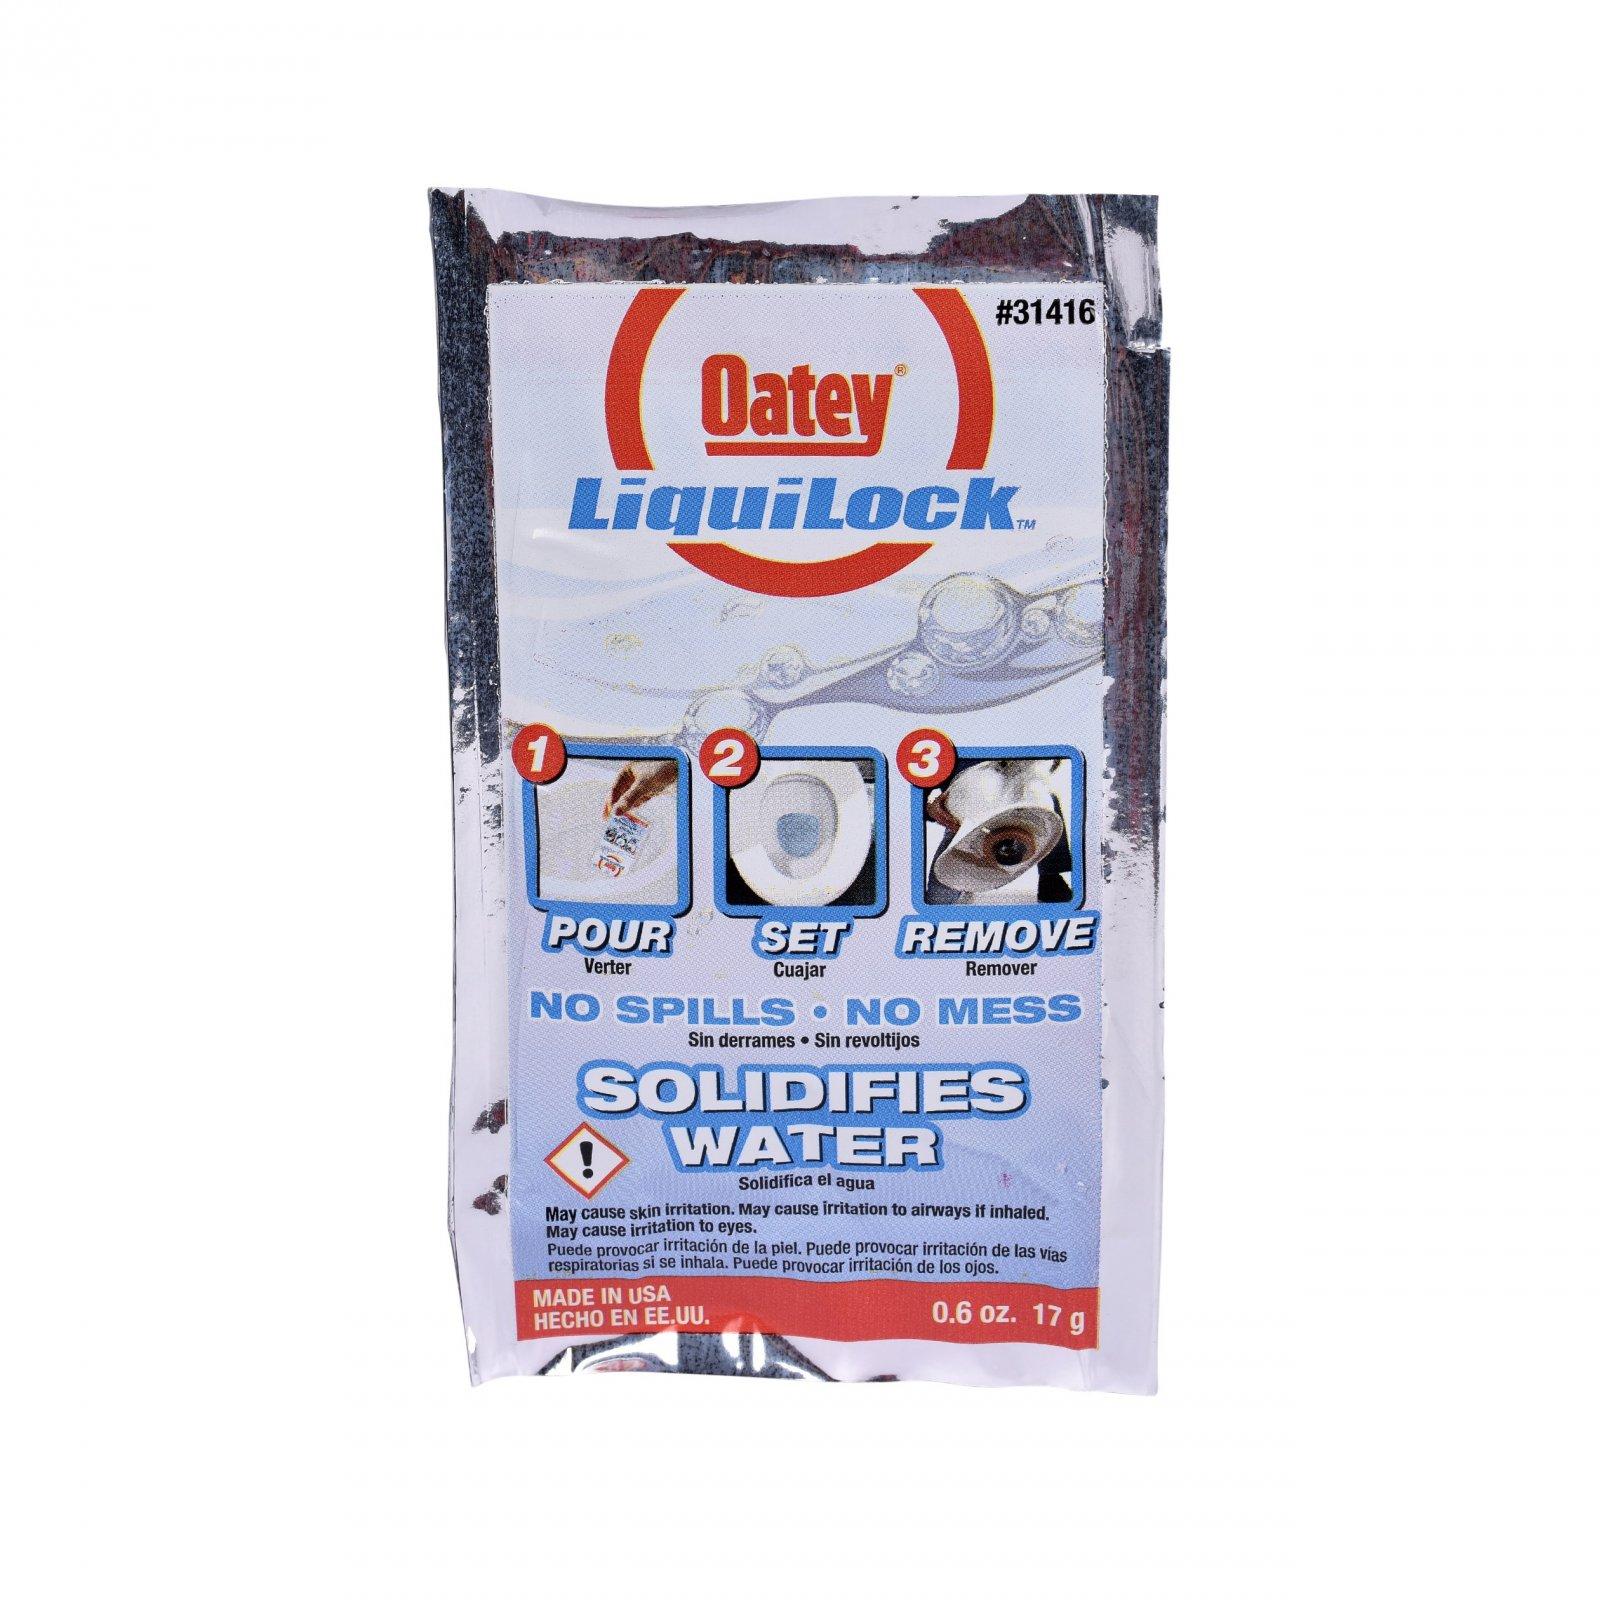 Oatey Liquilock Toilet Water Solidifier Gel pack